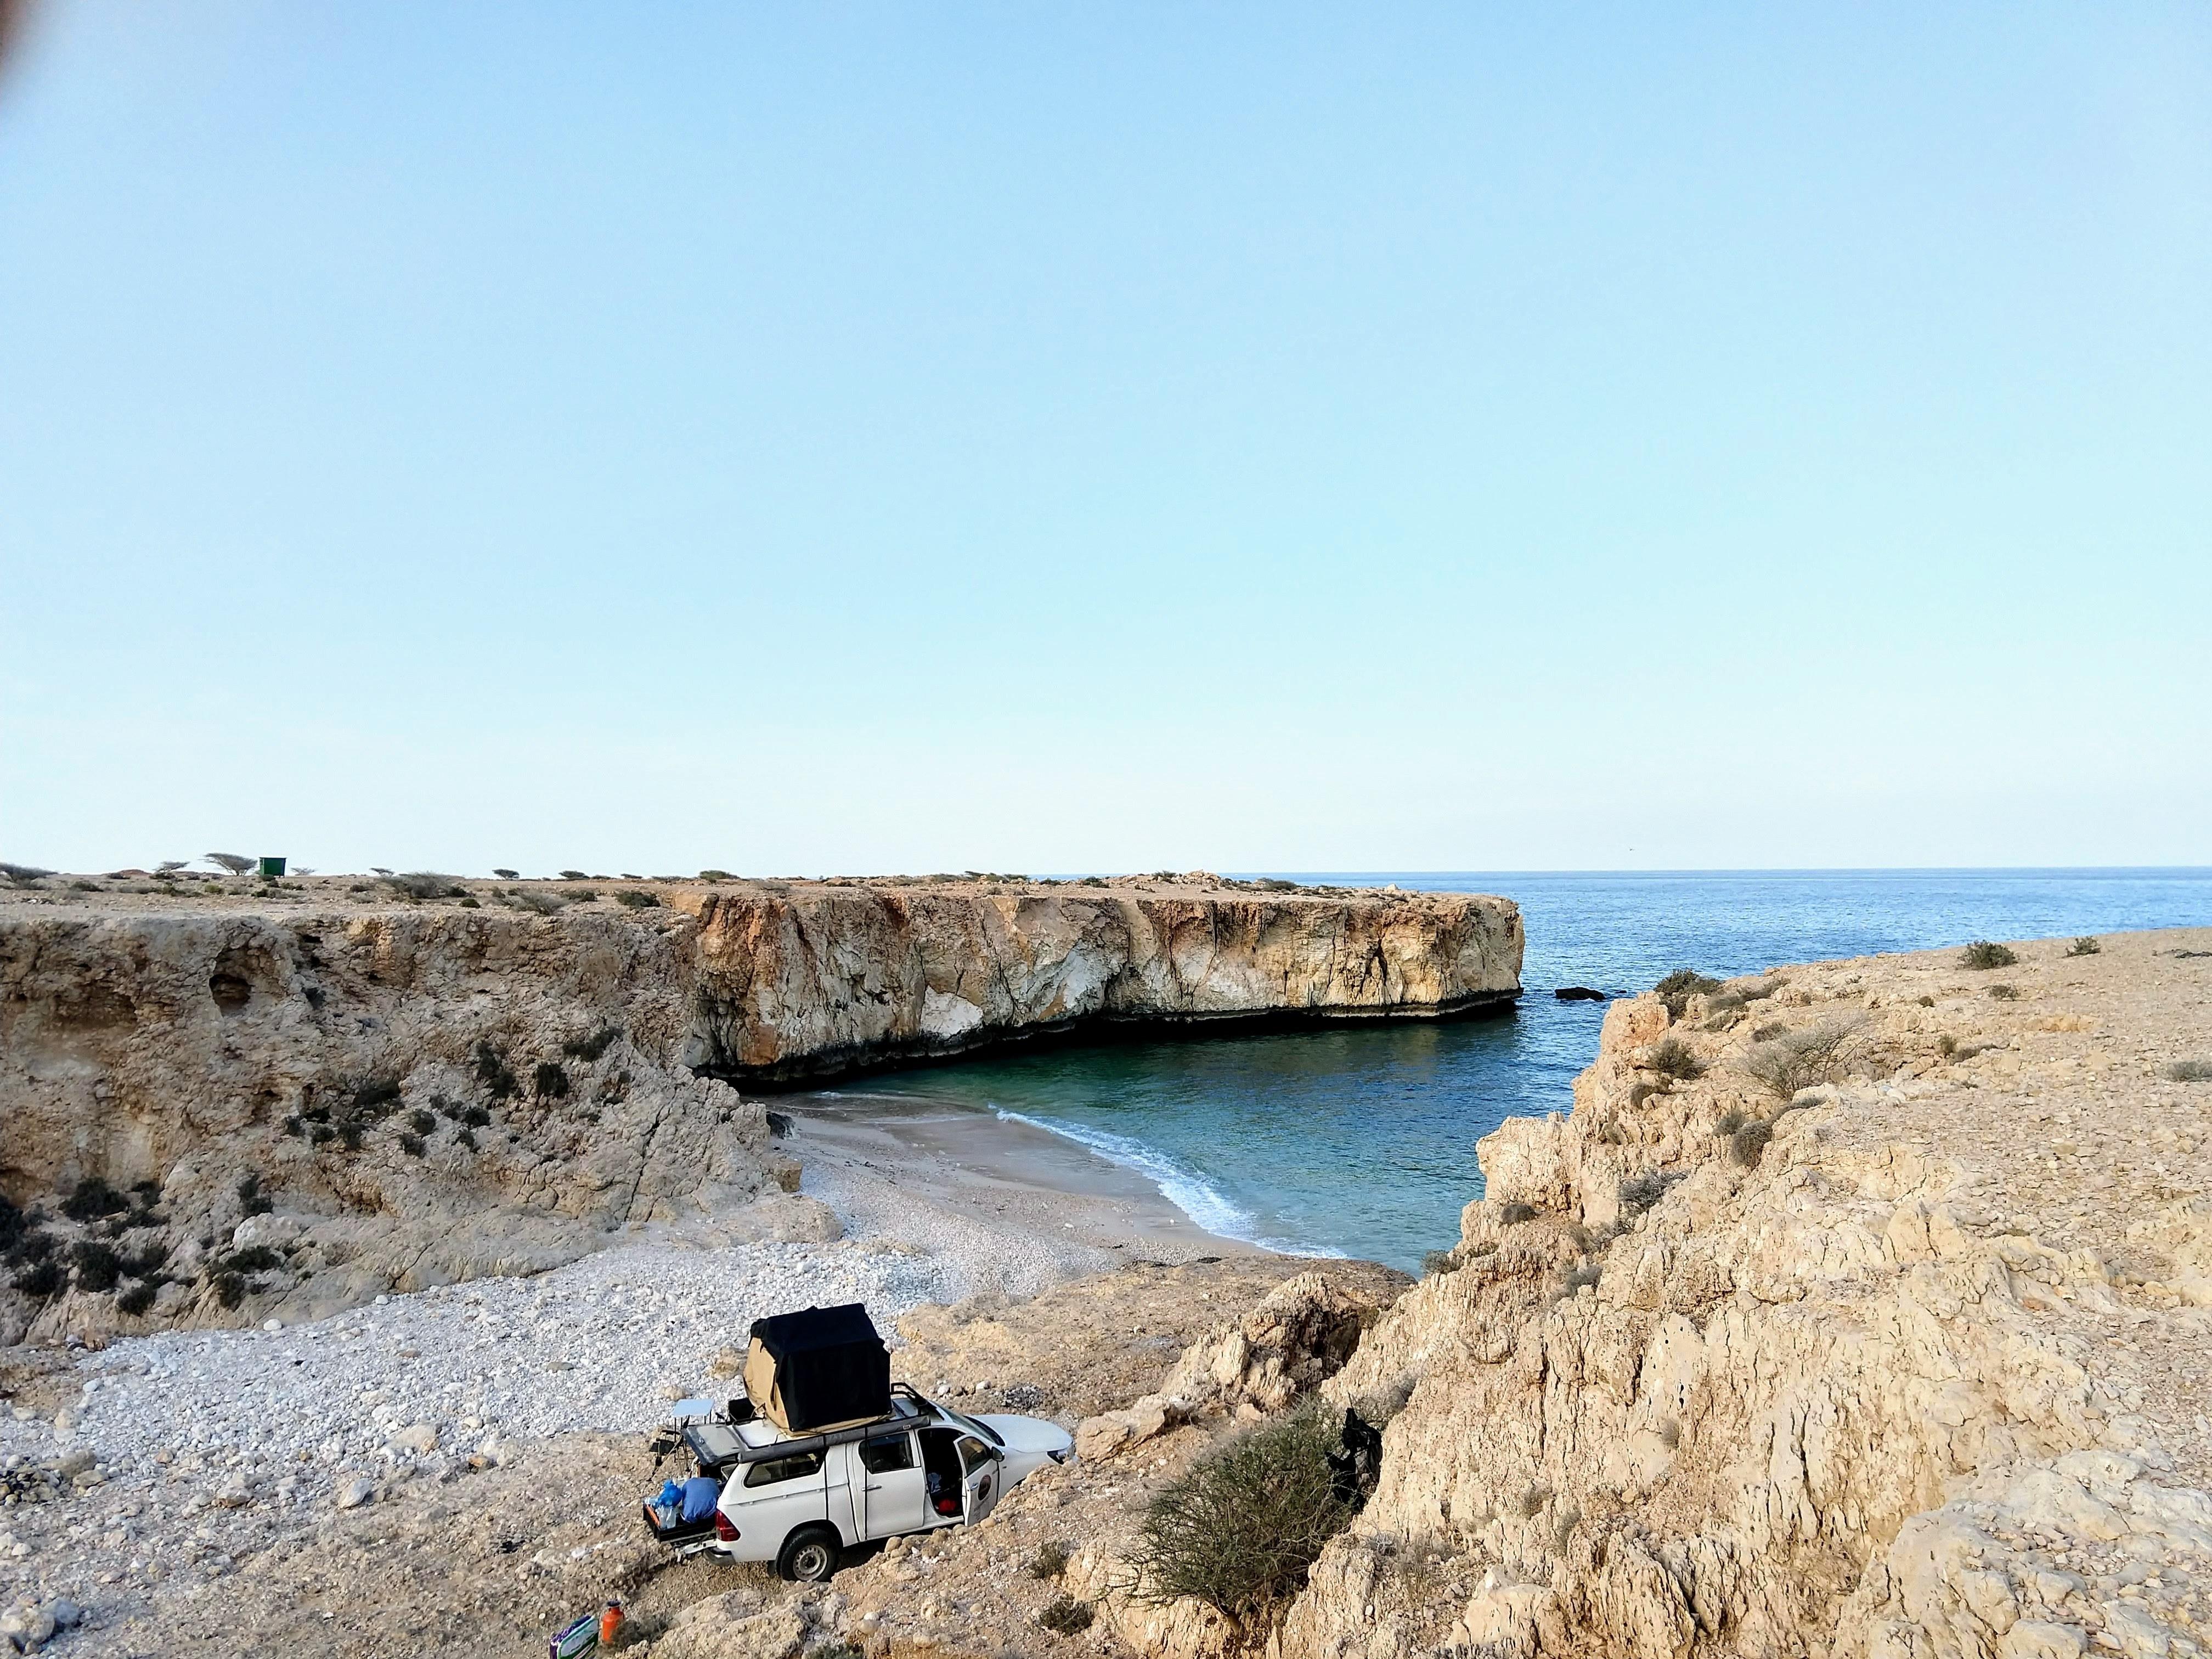 Campingspot in einer Bucht